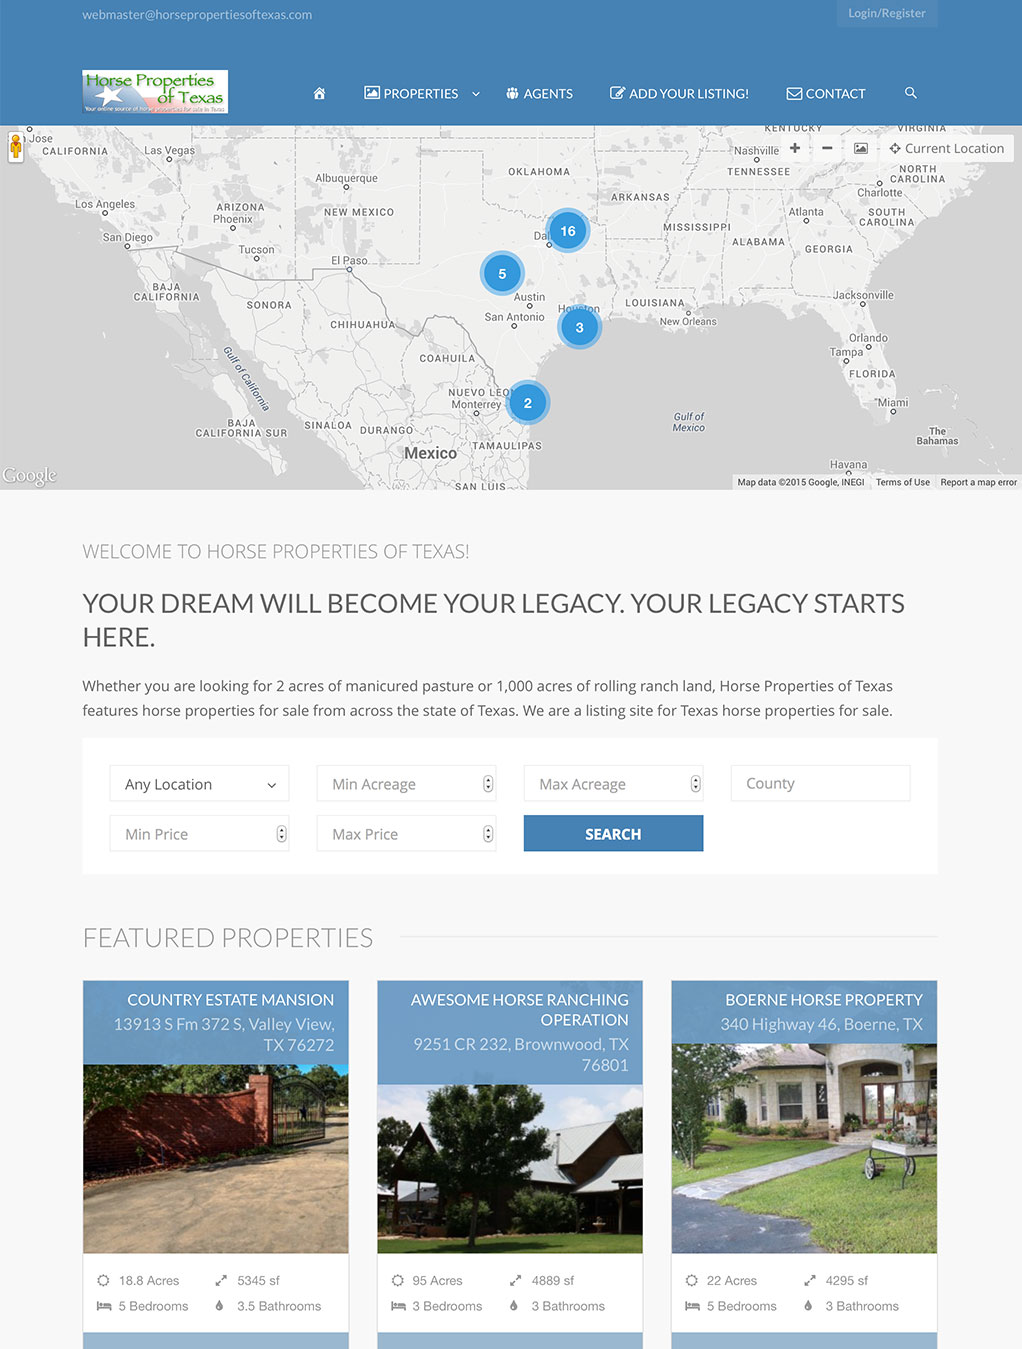 Horse Properties of Texas